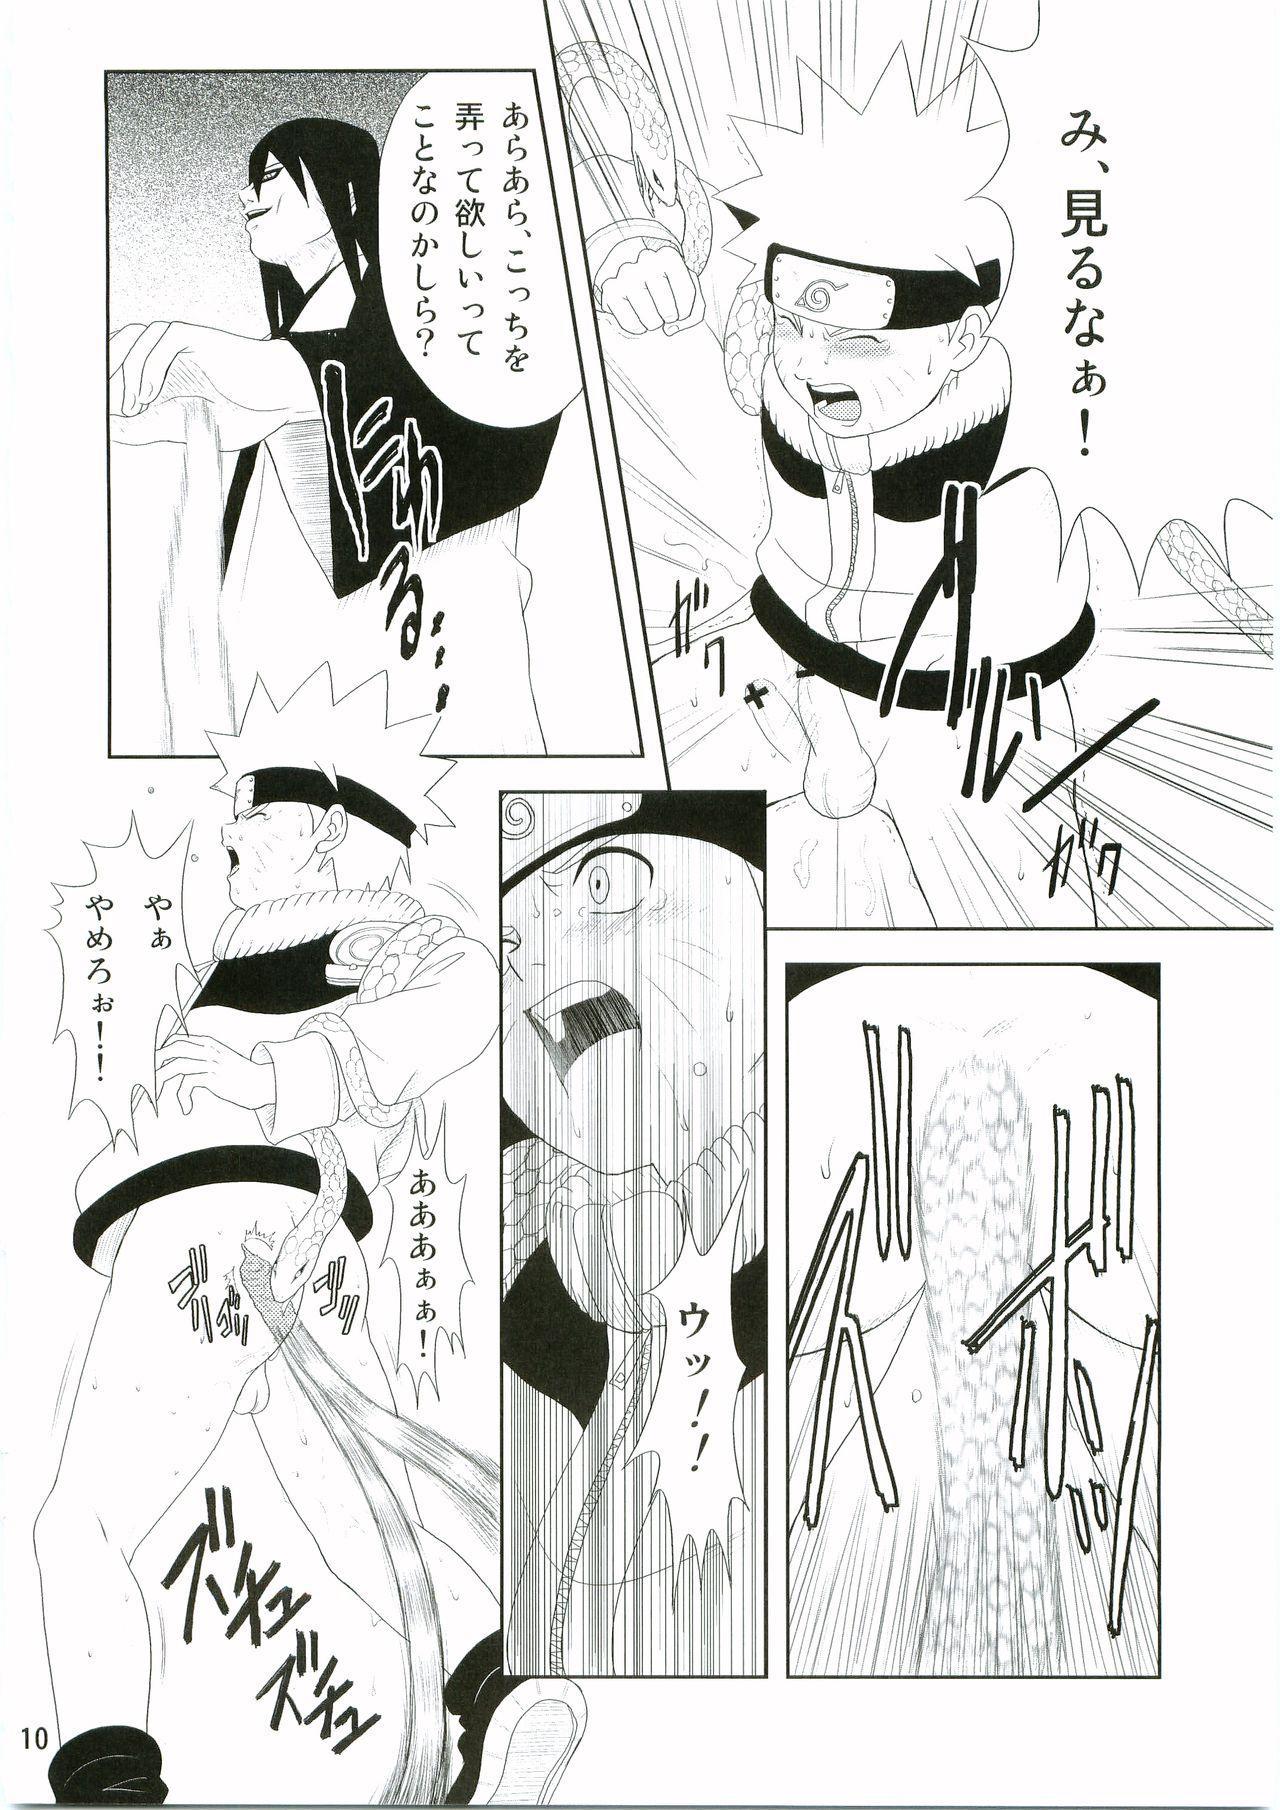 Shinobi no Kokoroe 10